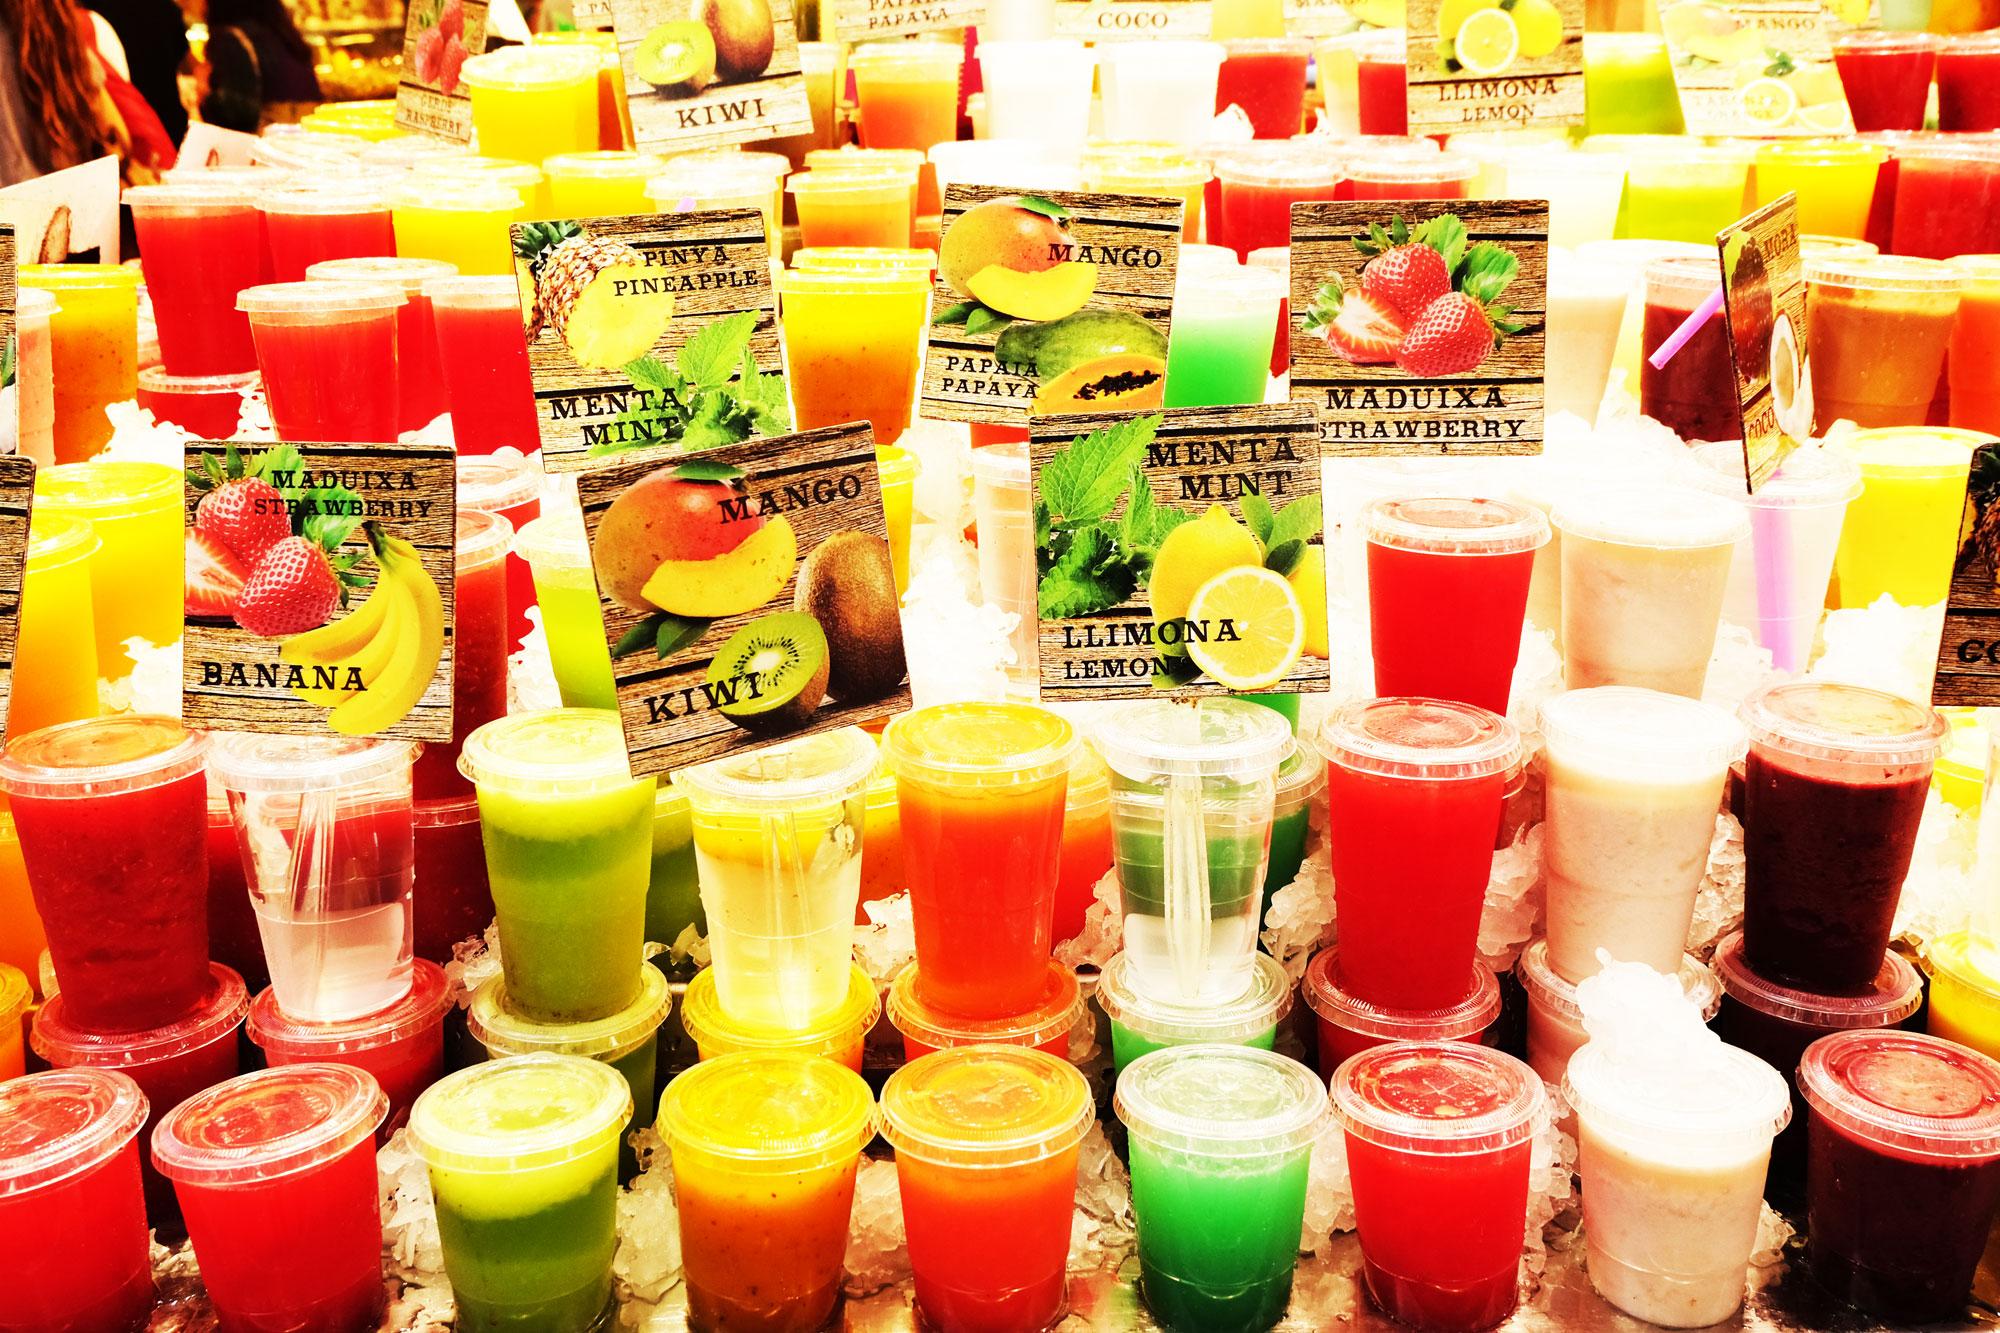 mercato-barcellona-frutta